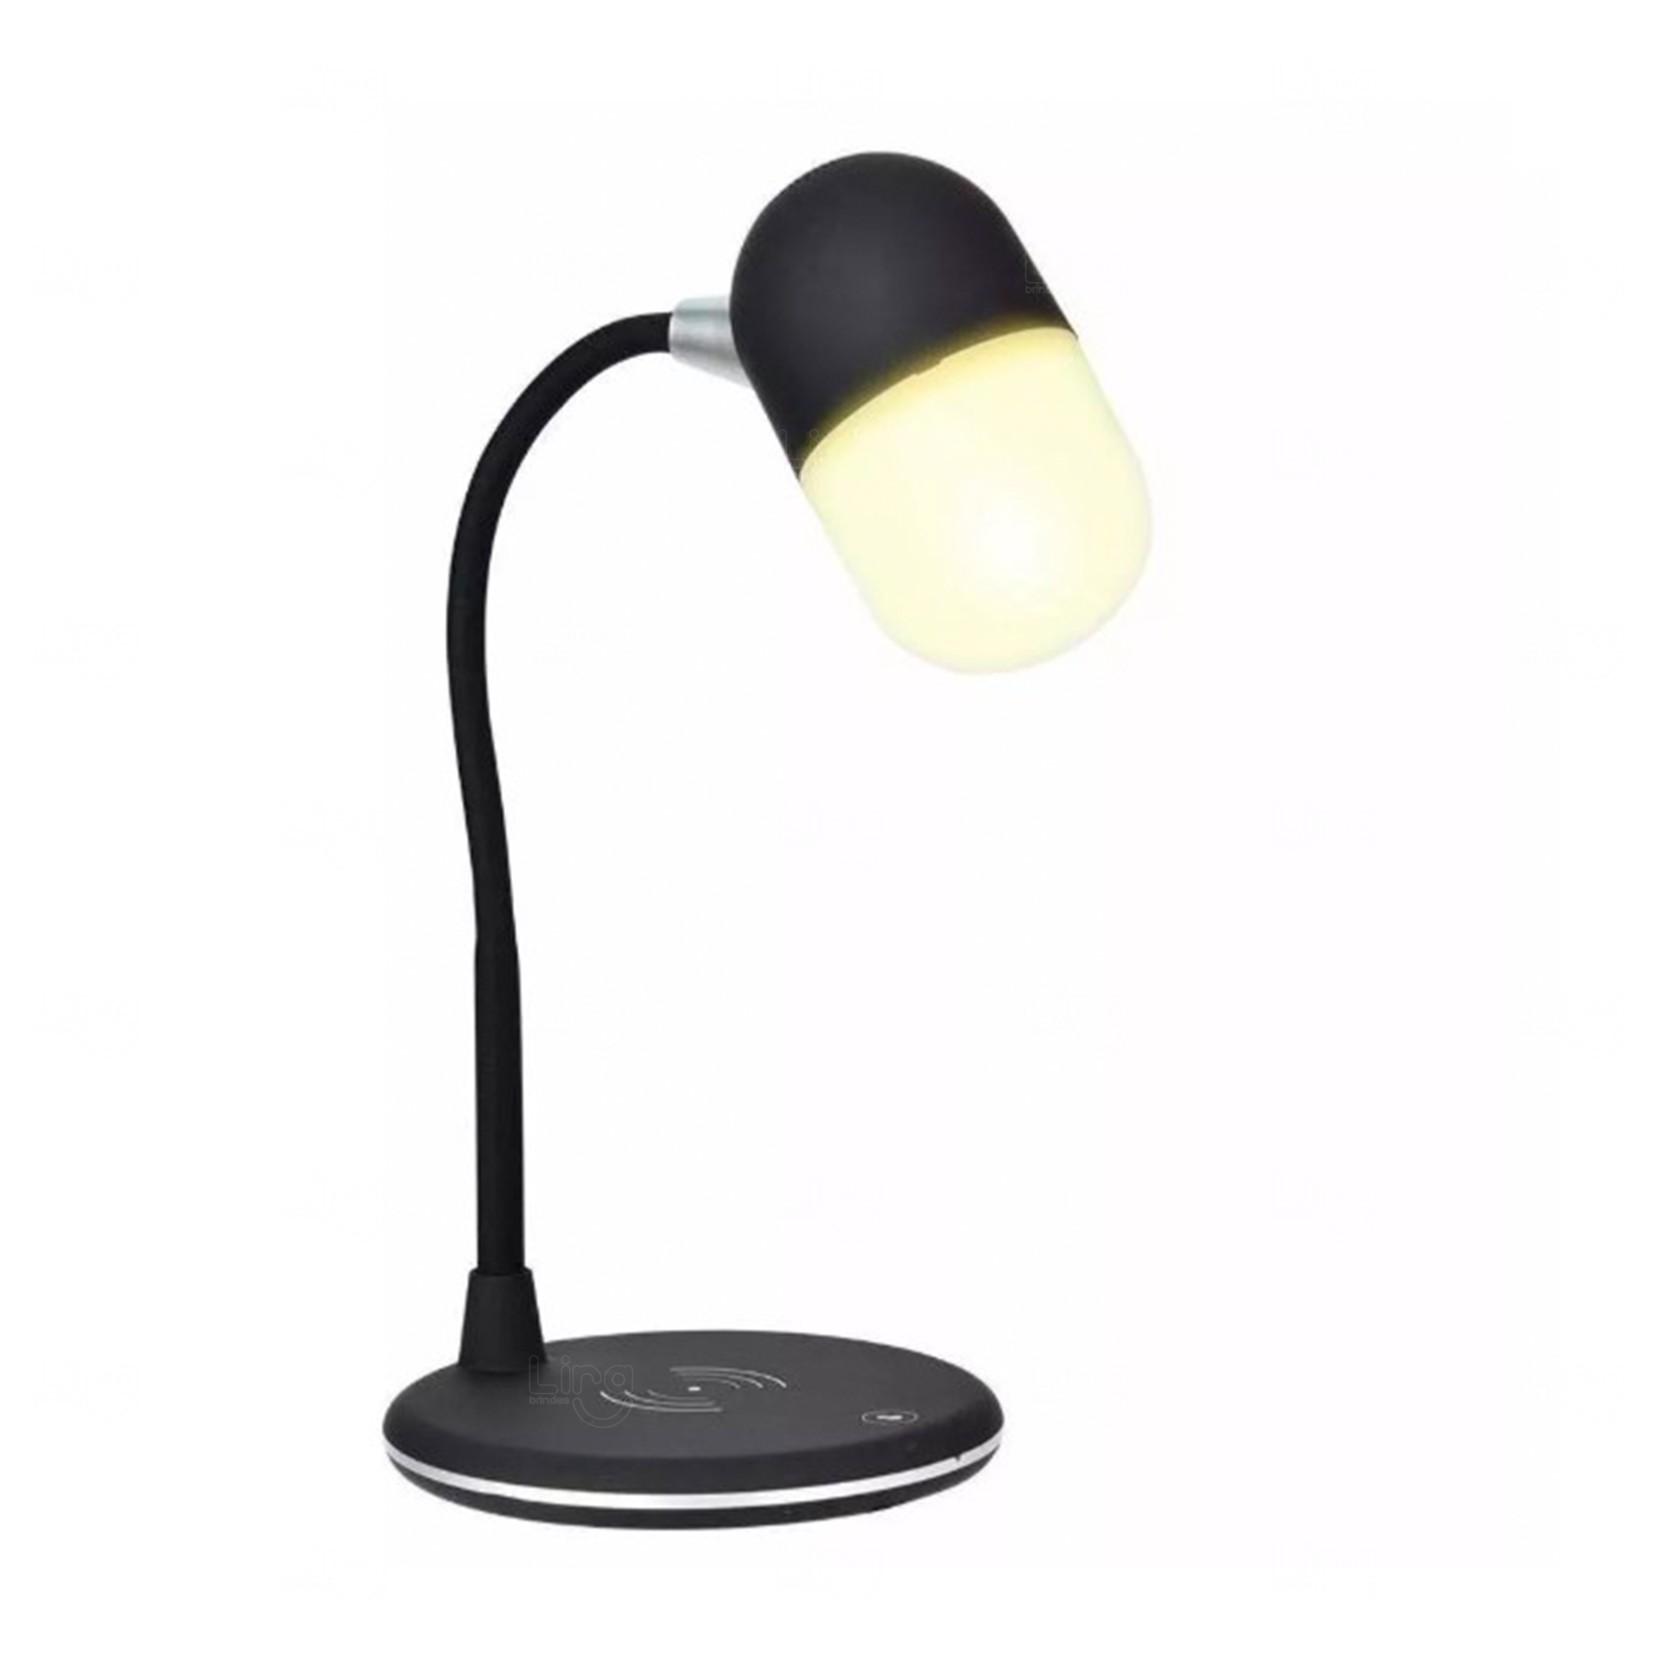 Luminária Caixa De Som E Carregador Wireless Personalizado Preto